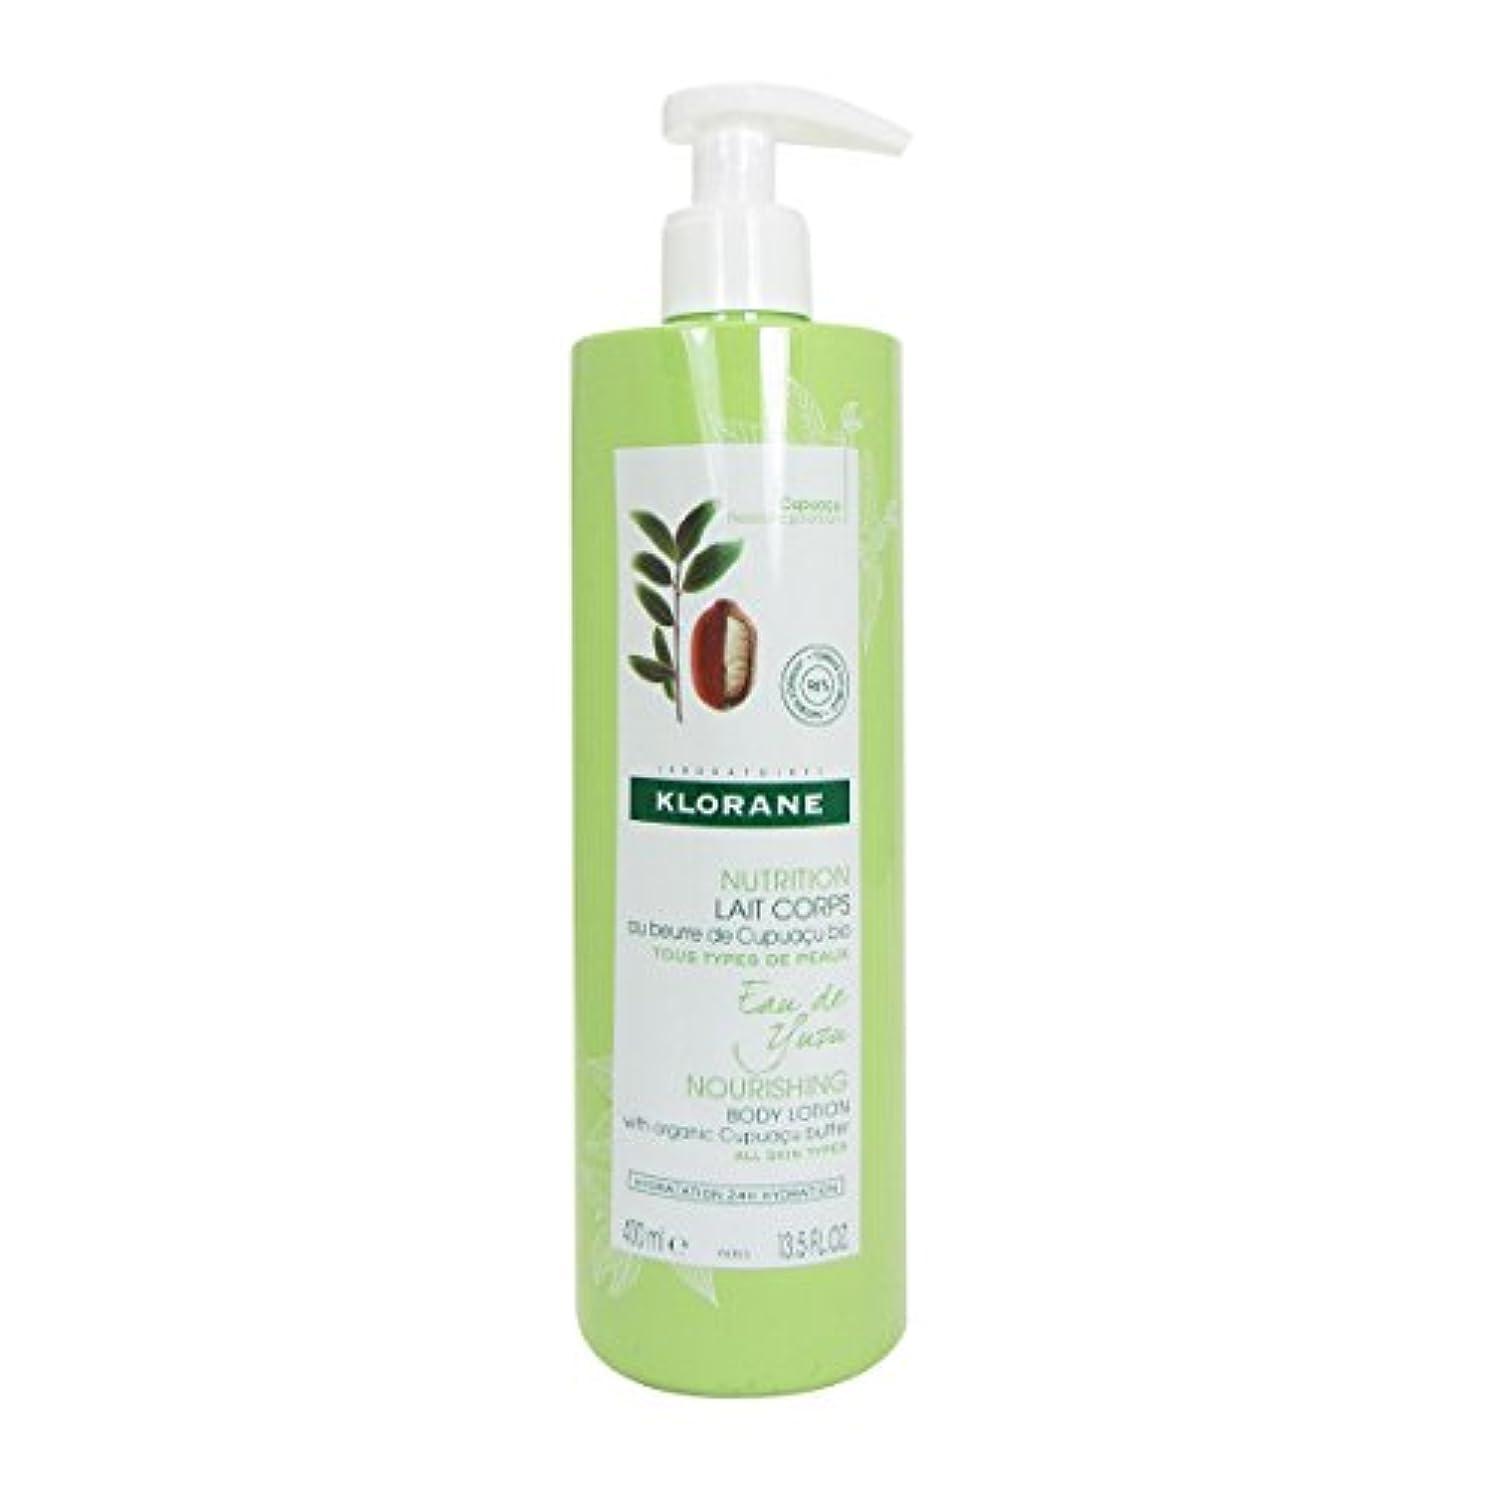 シルク溶けたアンテナKlorane Nutrition Yuzu Water Body Milk 400ml [並行輸入品]